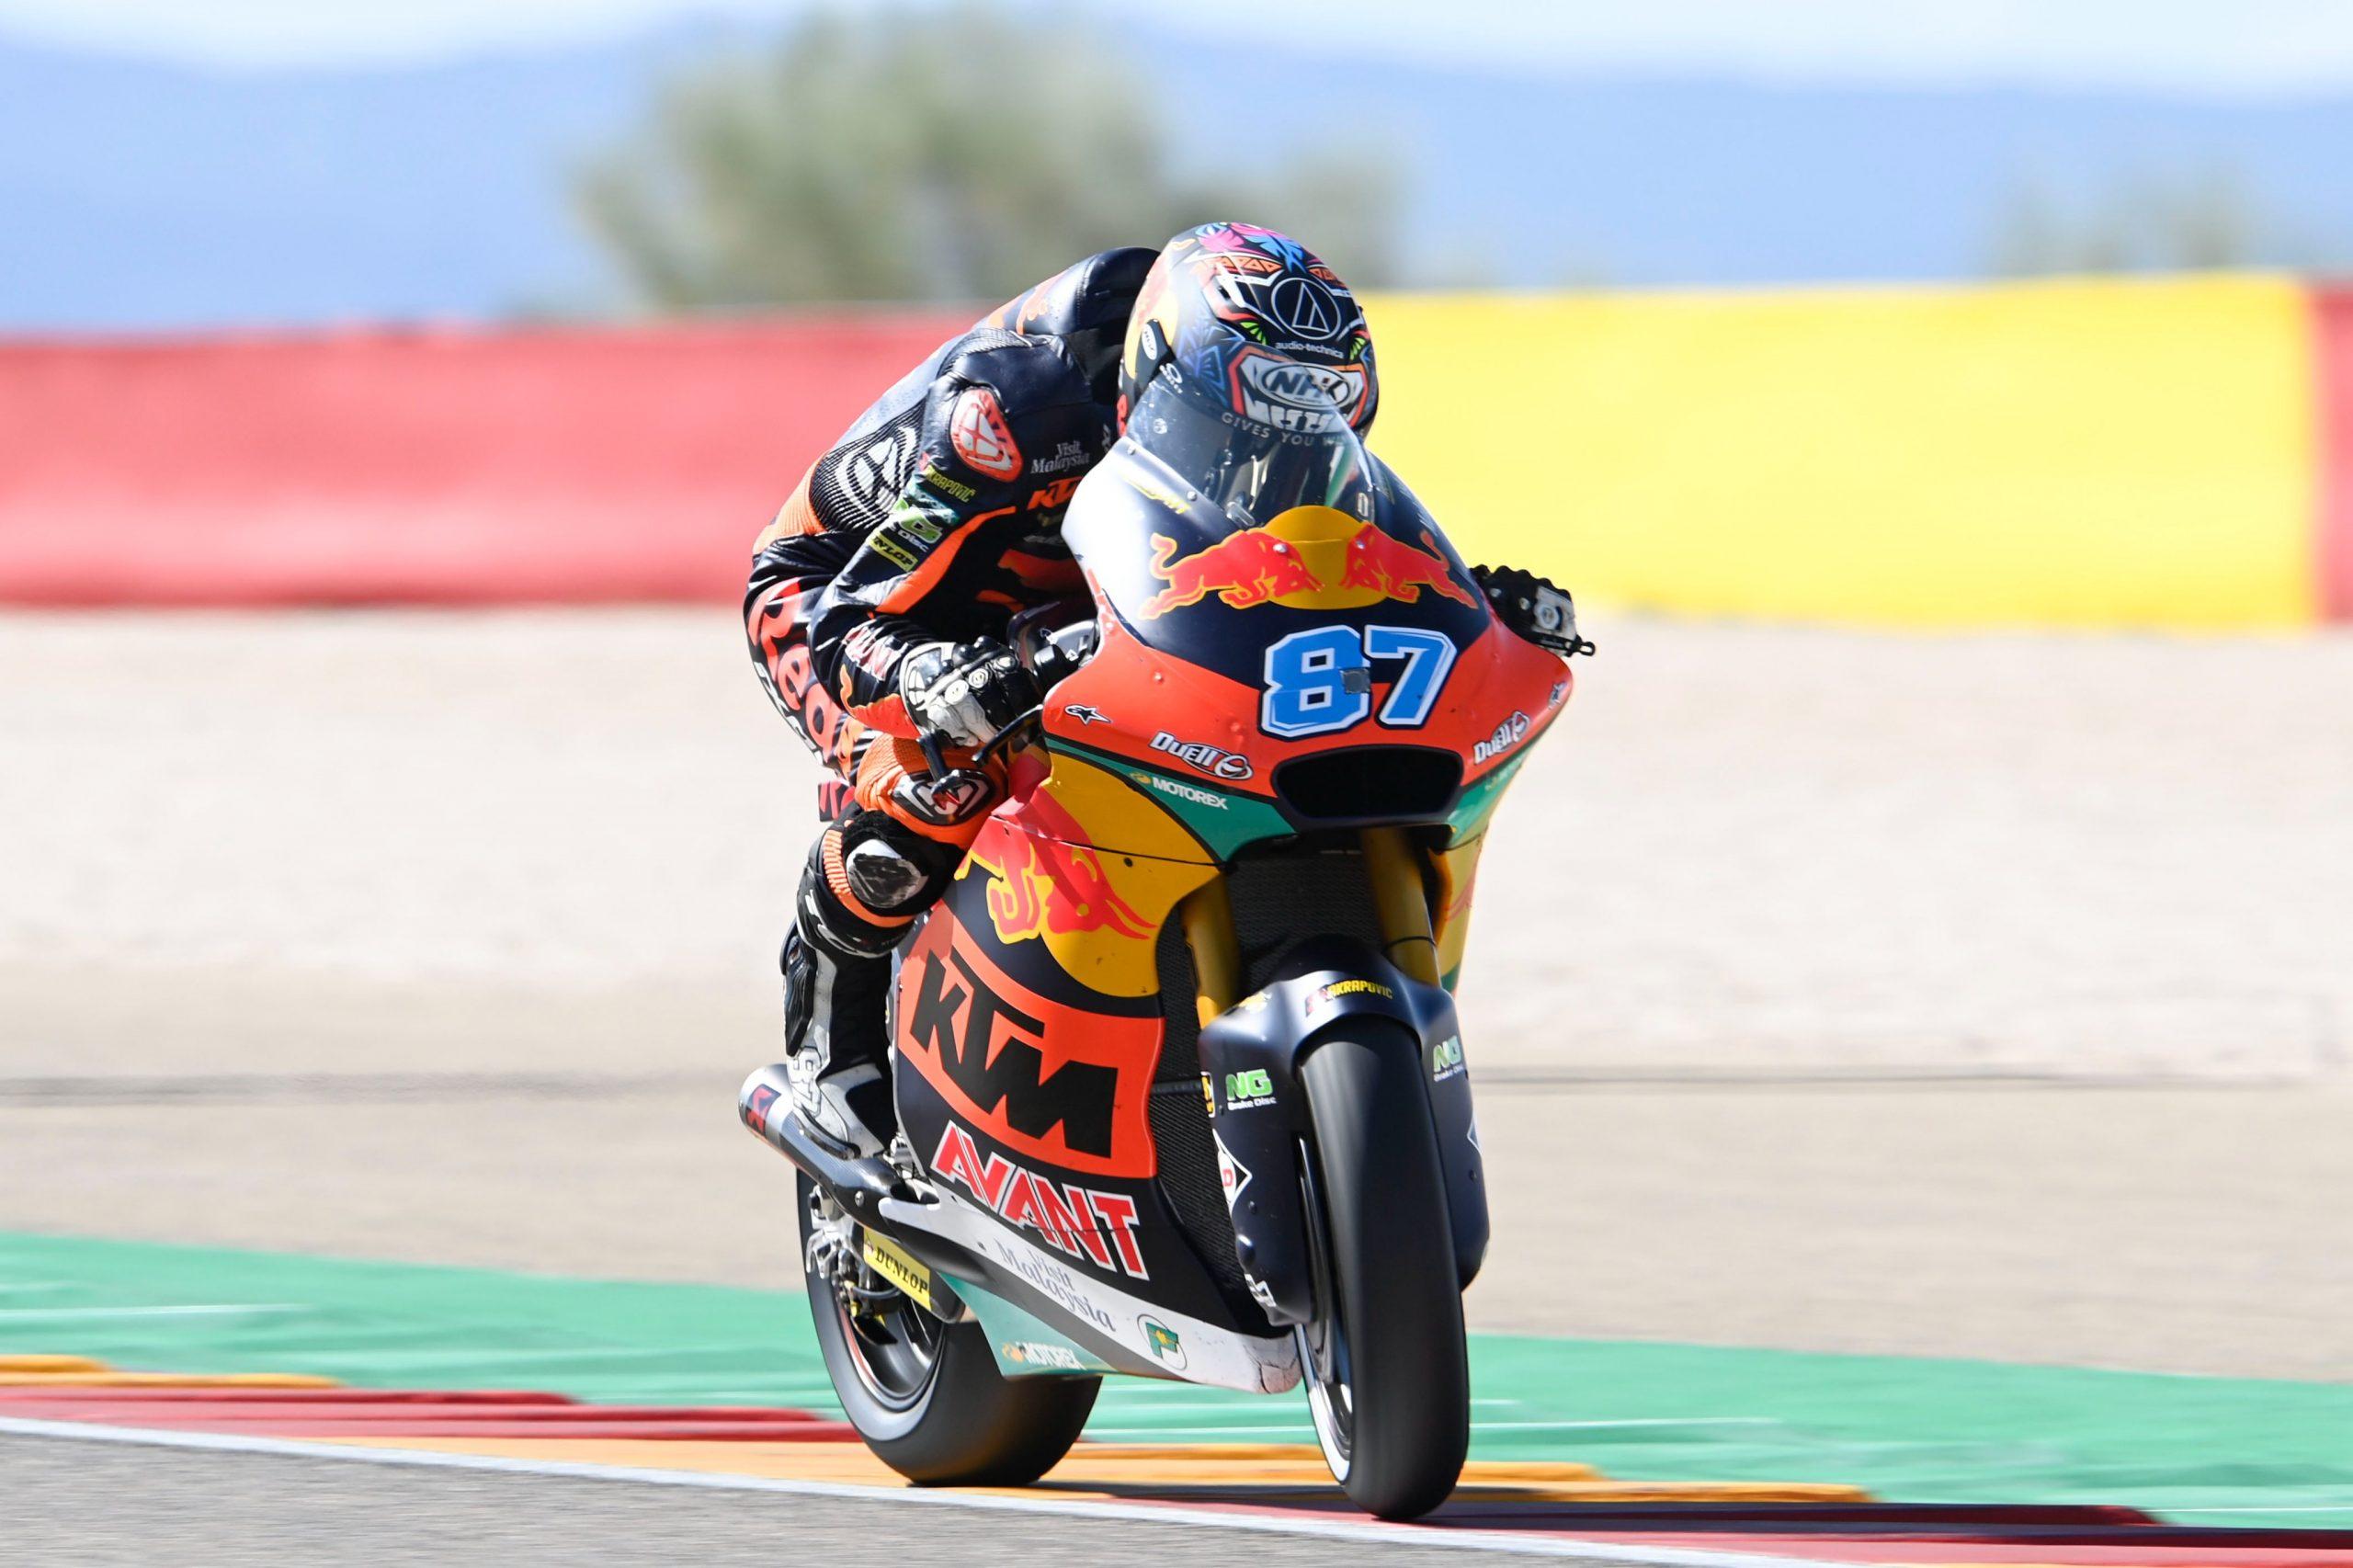 FP2 Moto2 Aragon 2021